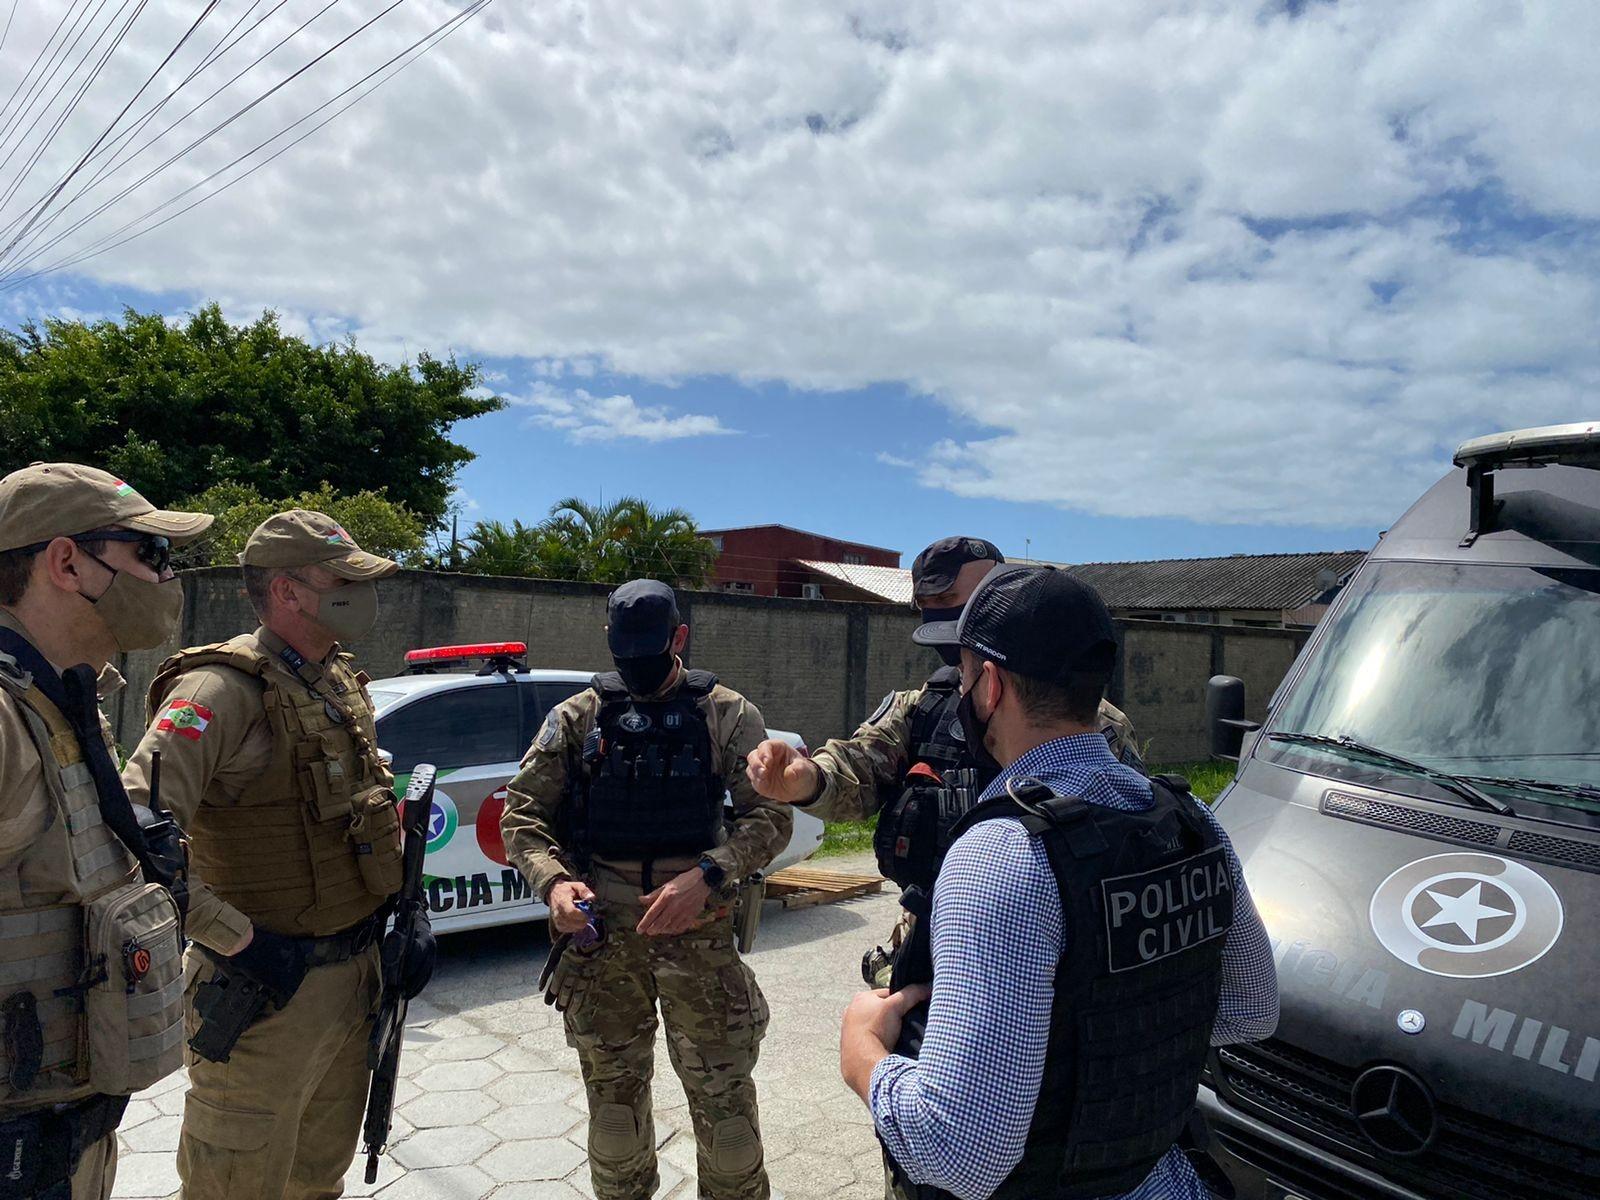 Vídeo mostra artefato similar a uma bomba ser retirado de carro usado em assalto a agência bancária em Porto Belo